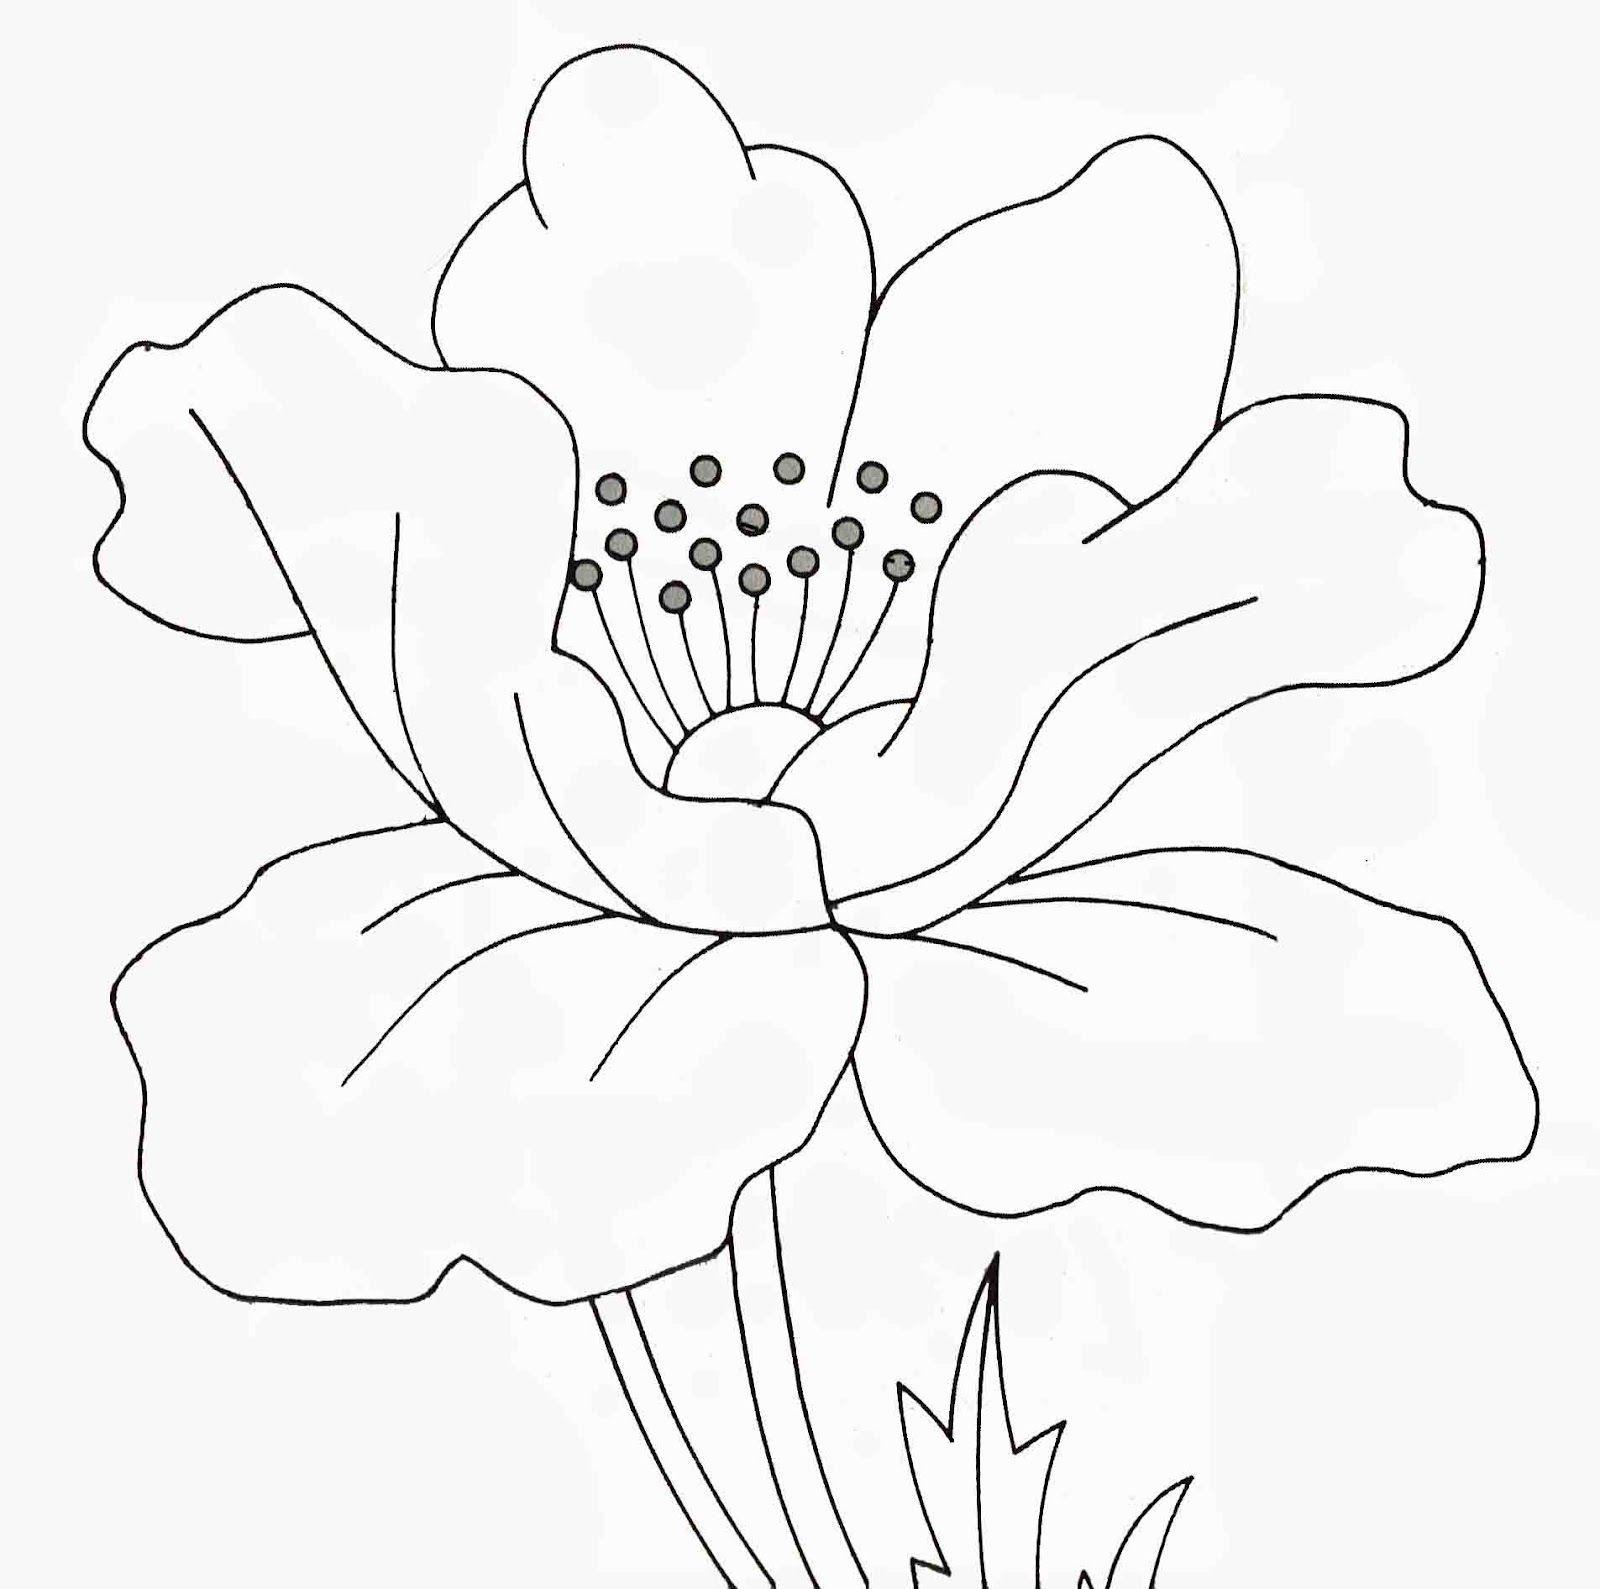 YP Watches Krankenschwester Taschenuhr Sun Flower Cartoon Digitale  Simulation Revers Quarz Hängende Uhr, Tragbare Tasche Hängende Tabelle  Unisex 321 (Color : G): Amazon.de: Küche & Haushalt